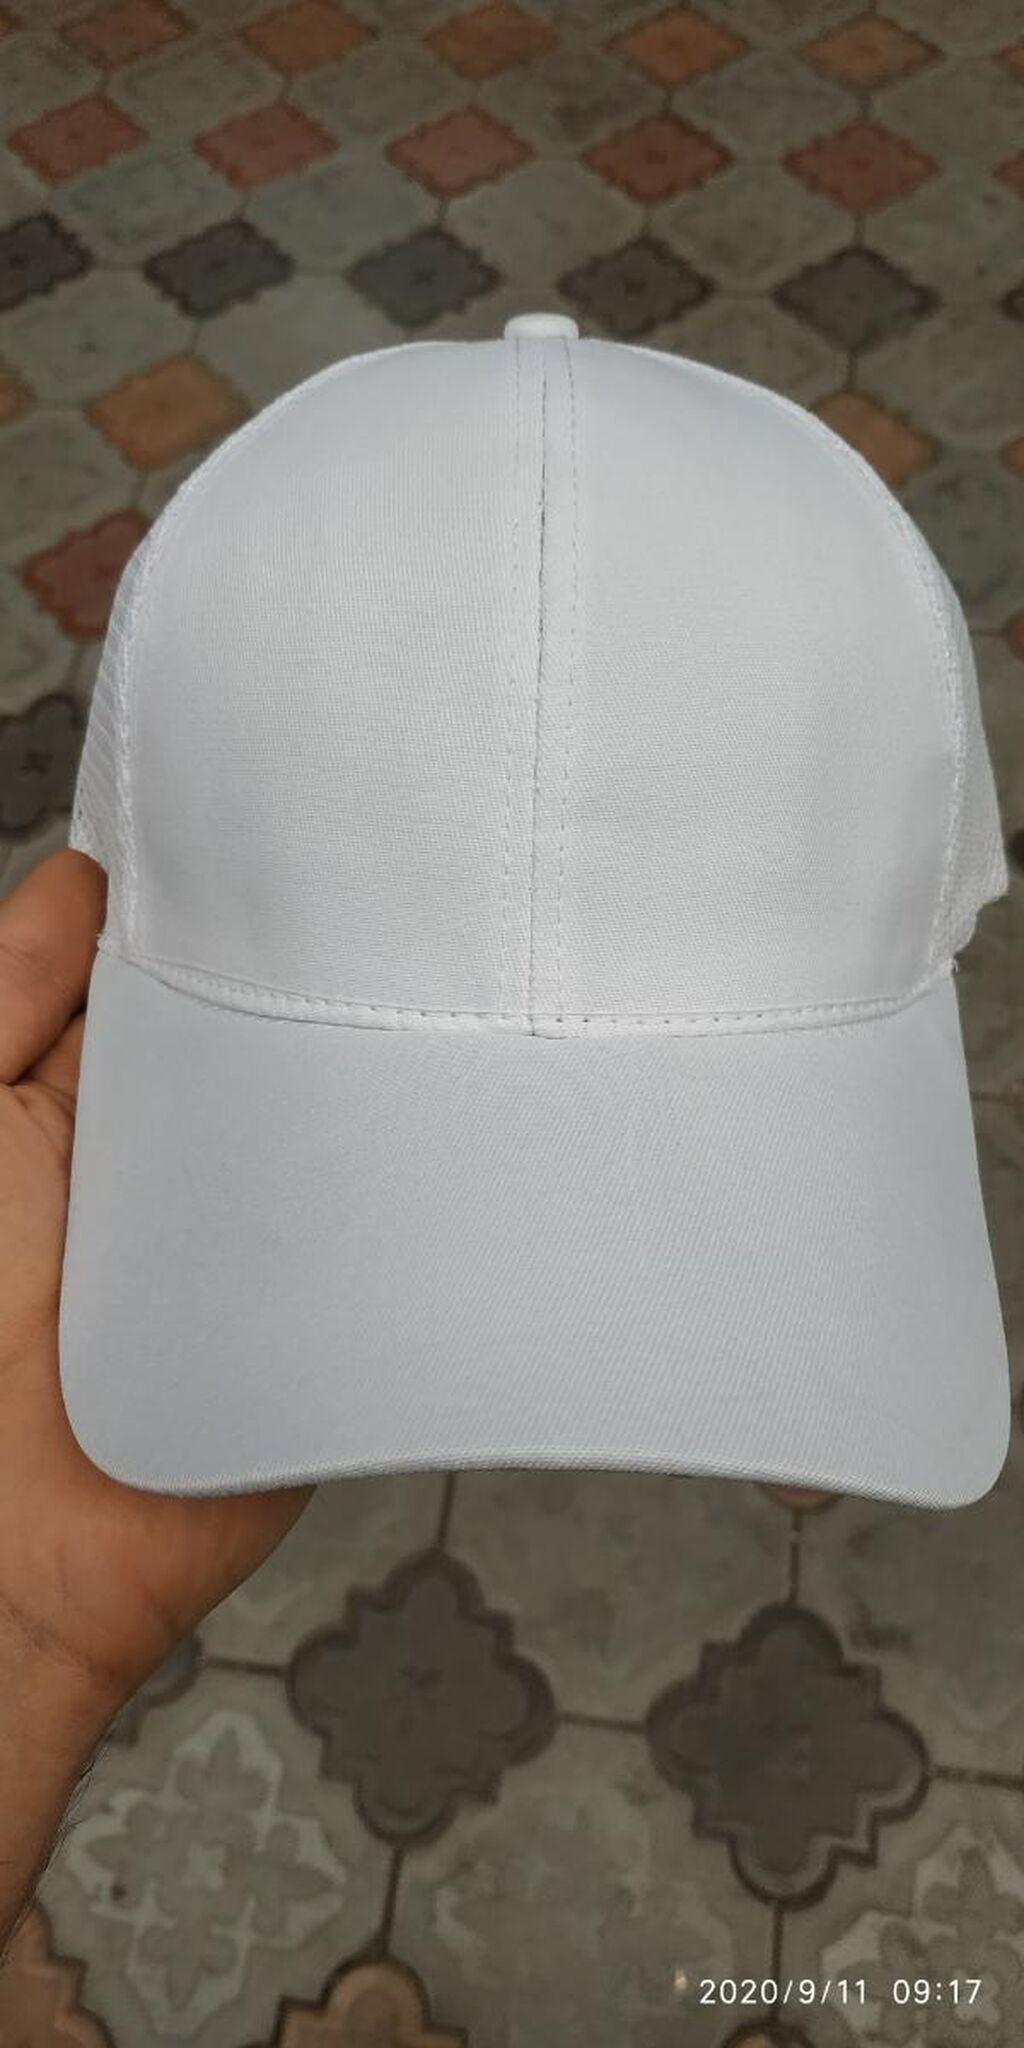 Белая кепка оптом 150 шт в наличии по цене: 80 KGS: Белая кепка оптом 150 шт в наличии